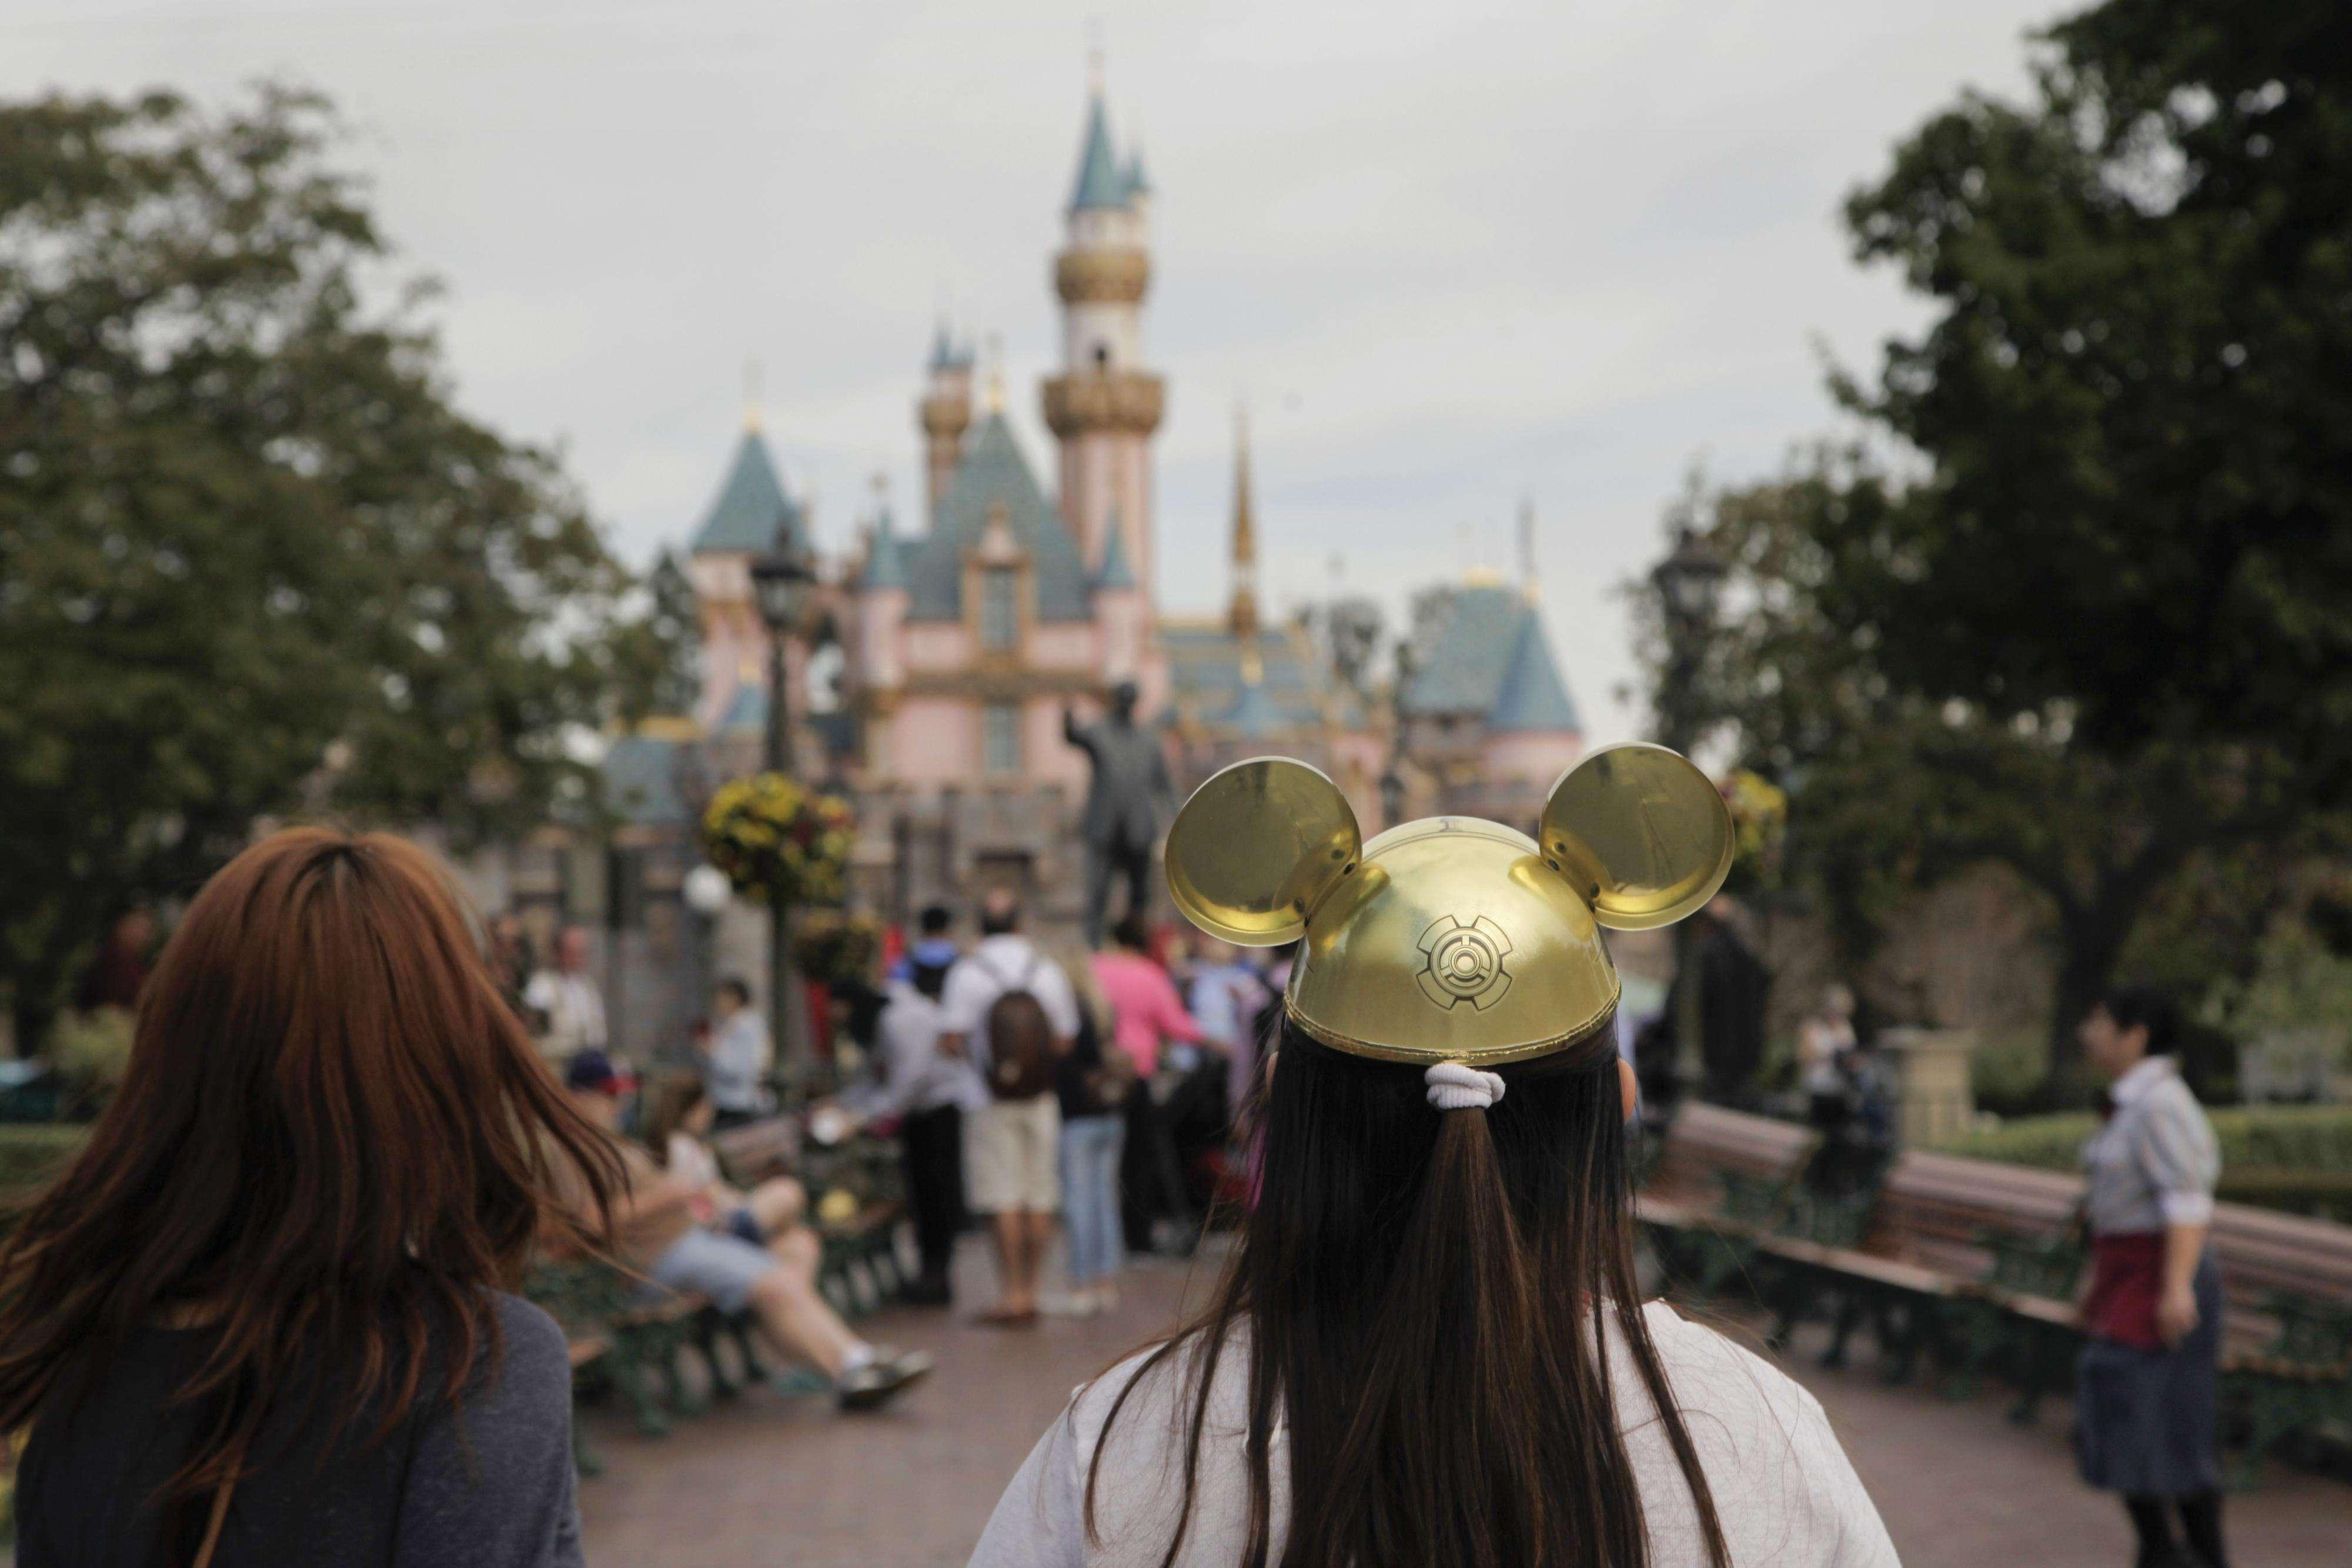 Una mujer con un gorro de Mickey Mouse camina hacia el Castillo de la Bella Durmiente en Disneyland el jueves, 22 de enero del 2015. Foto: AP en español